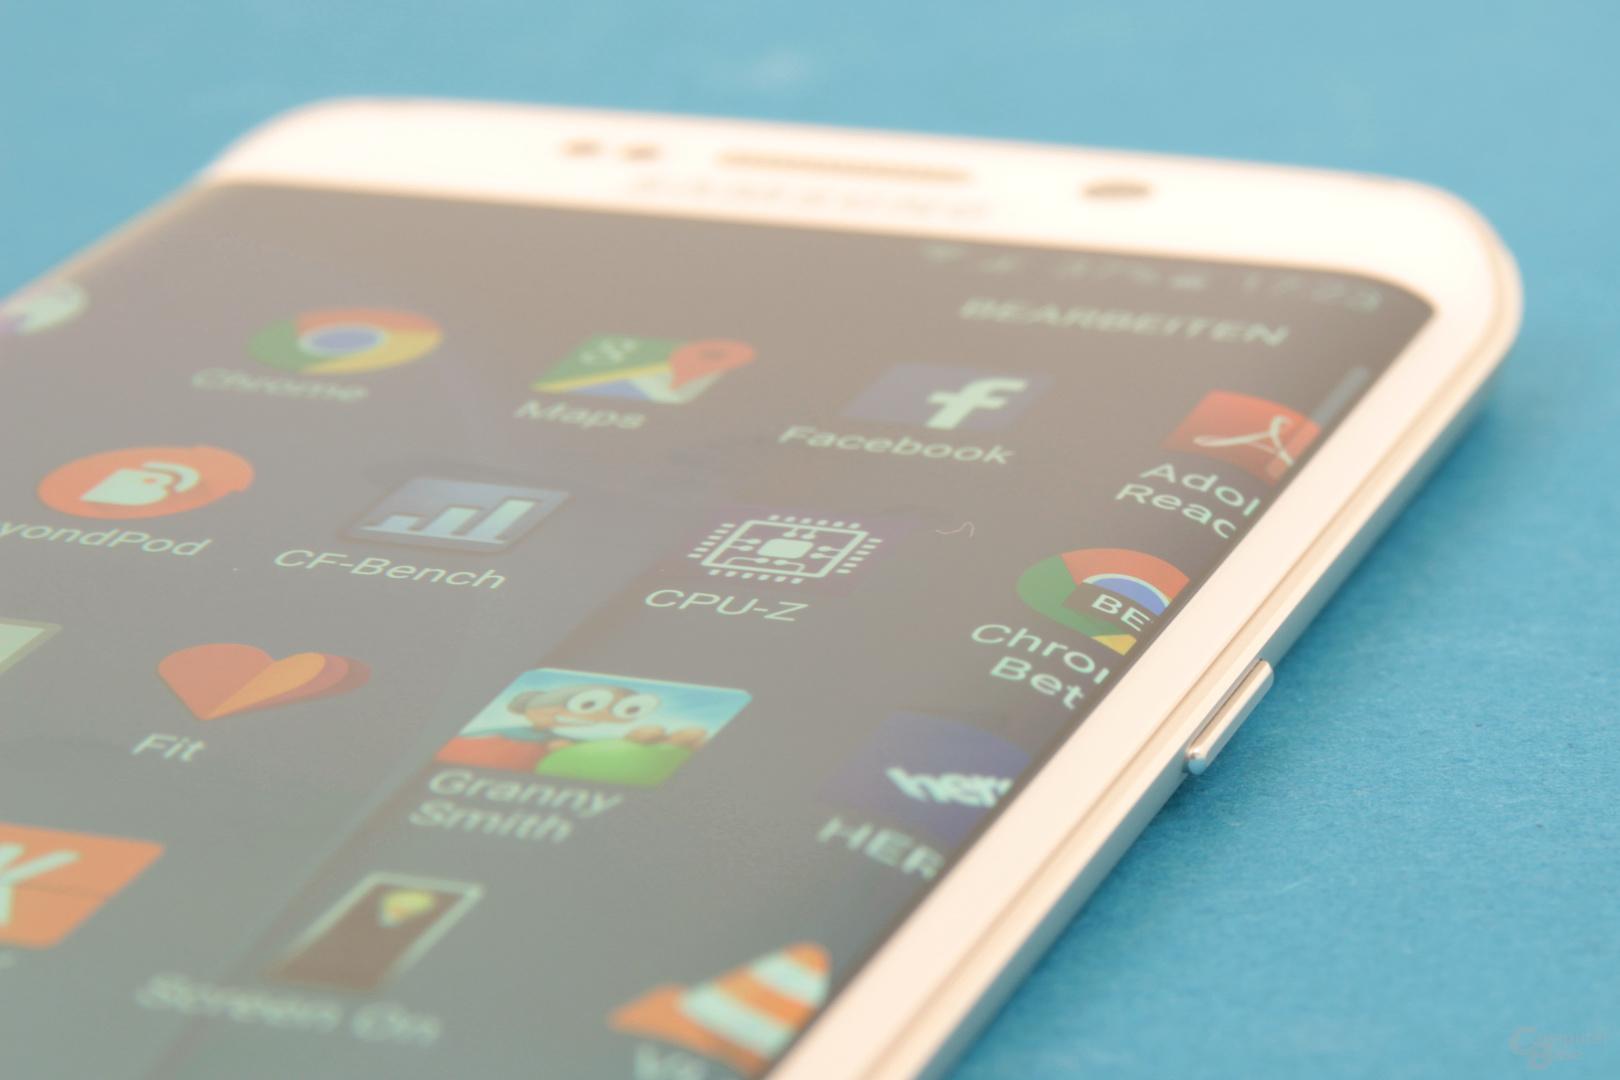 Display des Galaxy S6 edge mit sichtbarer Biegung